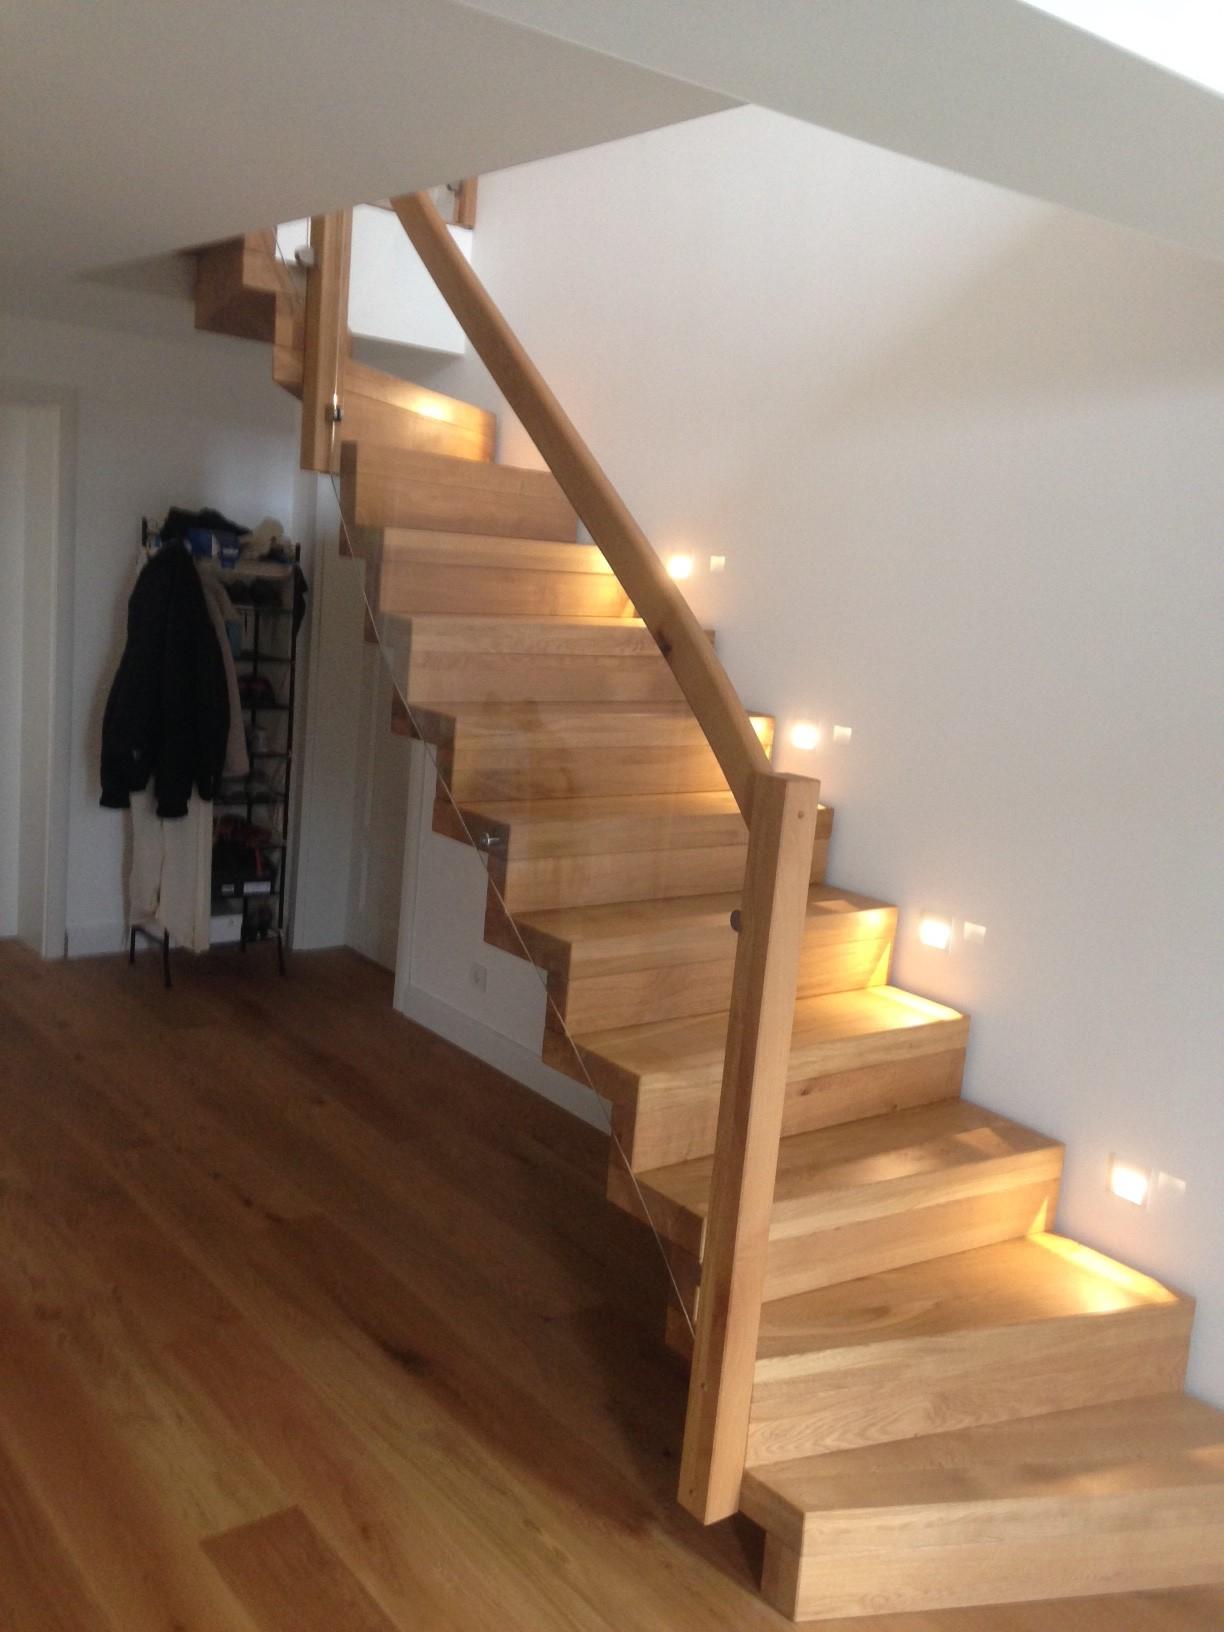 faltwerktreppen treppen linke elmenhorst. Black Bedroom Furniture Sets. Home Design Ideas